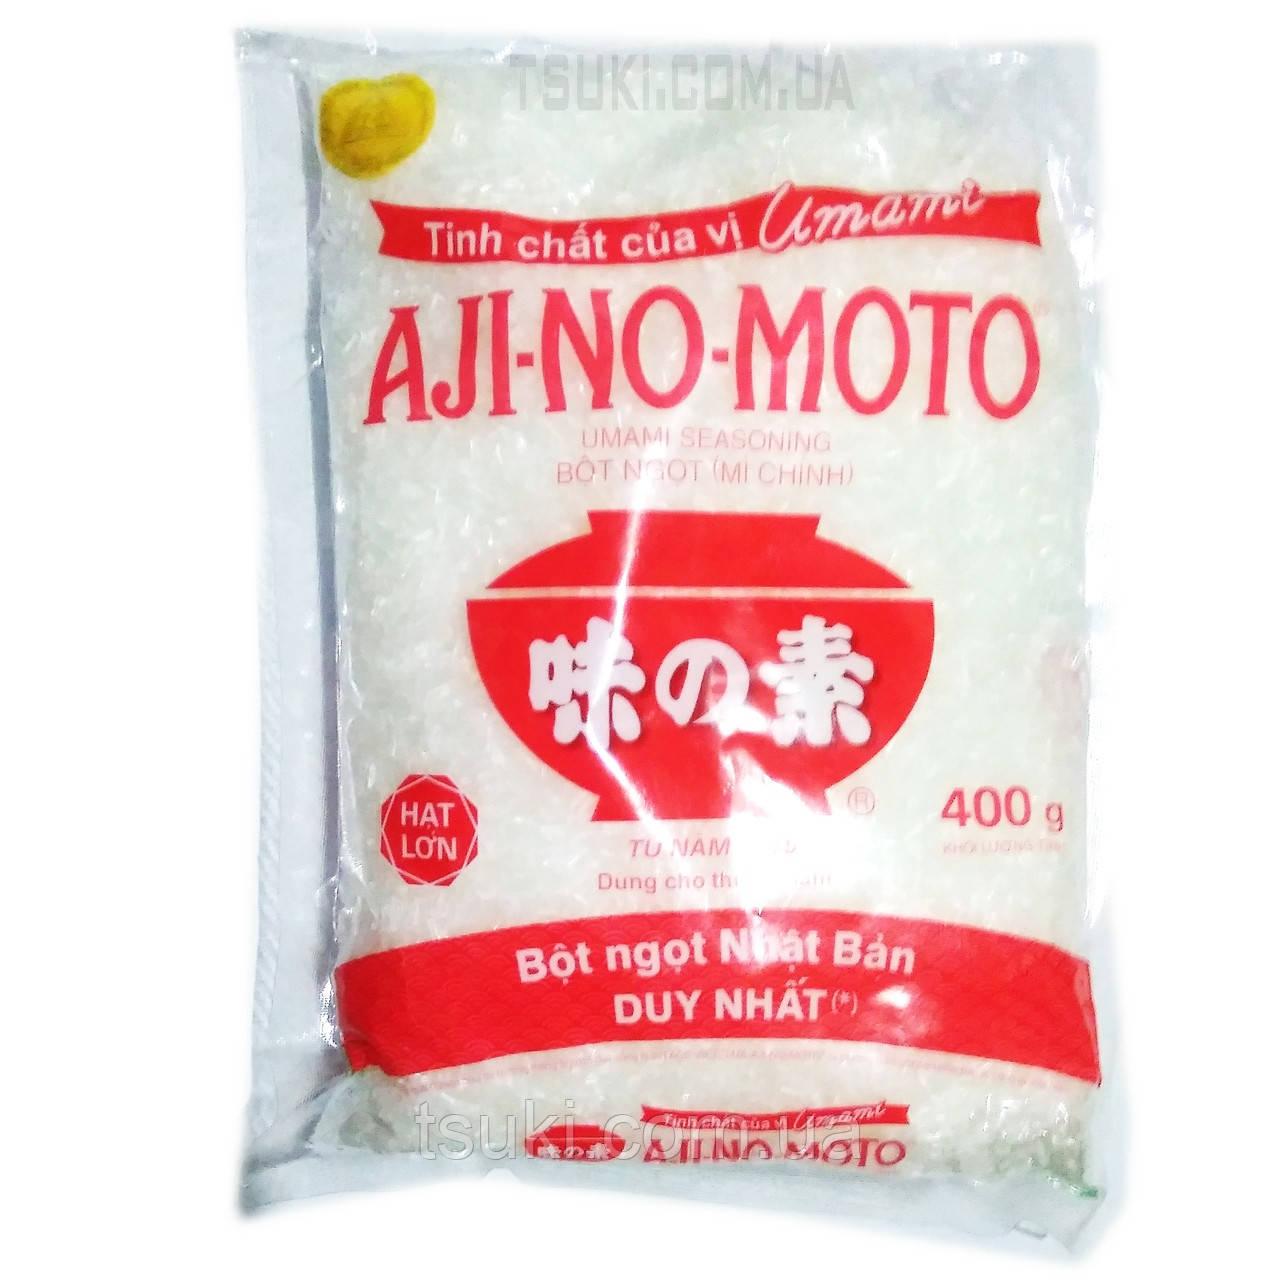 Аджиномото 0,4кг. (Ajinomoto)